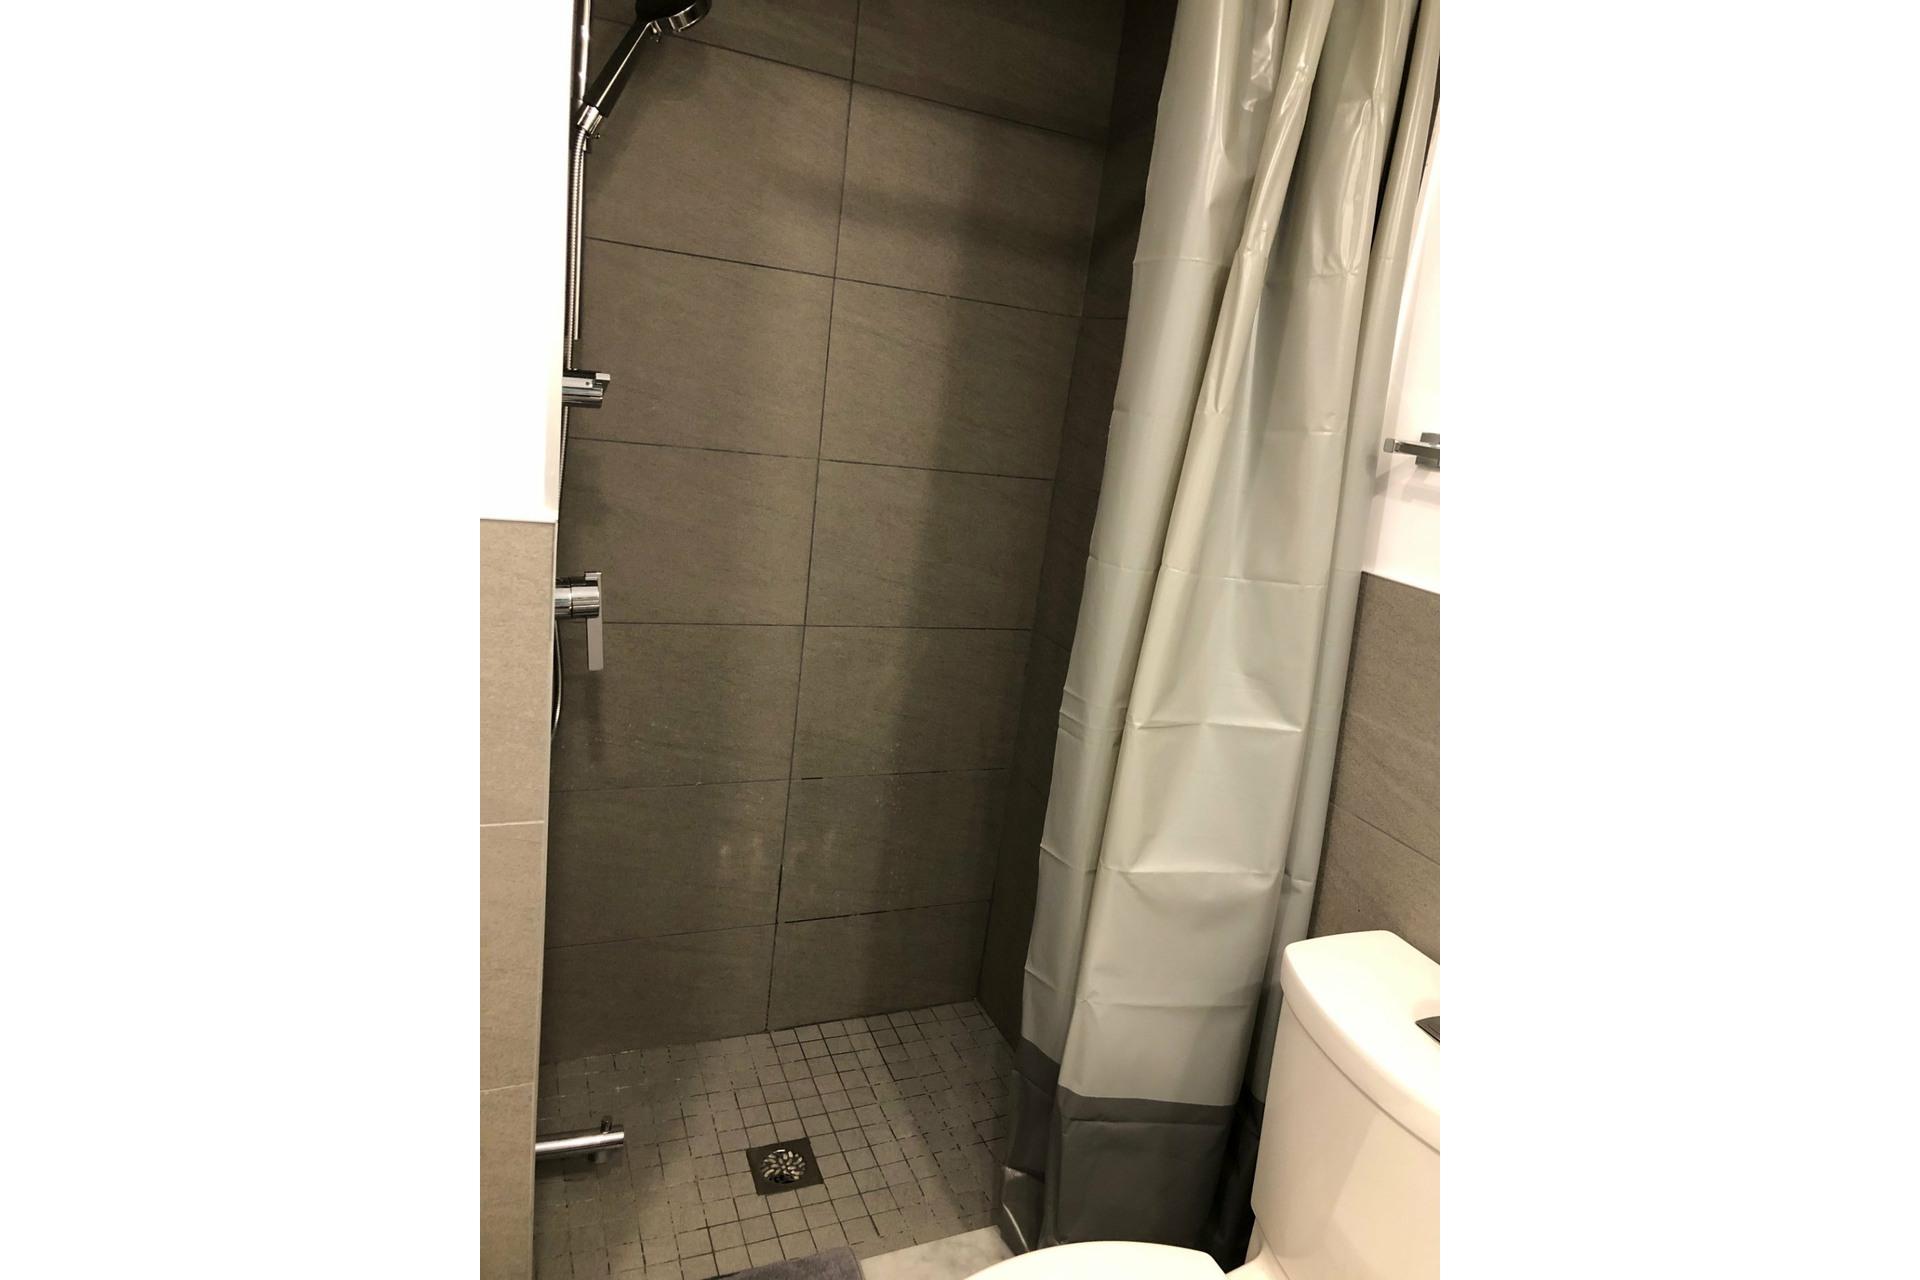 image 9 - Appartement À louer Côte-des-Neiges/Notre-Dame-de-Grâce Montréal  - 5 pièces